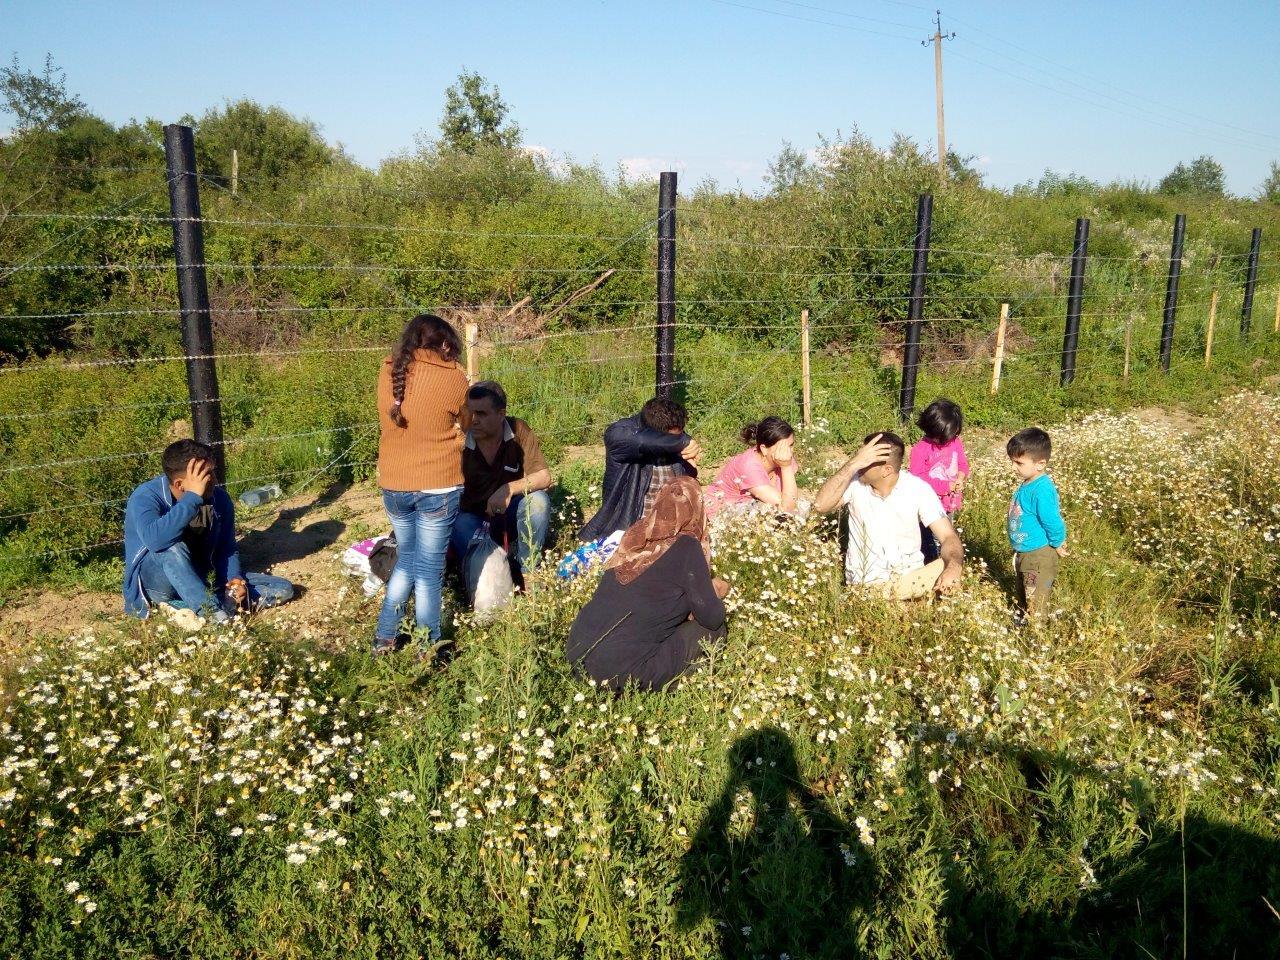 На Закарпатье задержали 9 нелегальных мигрантов из Афганистана